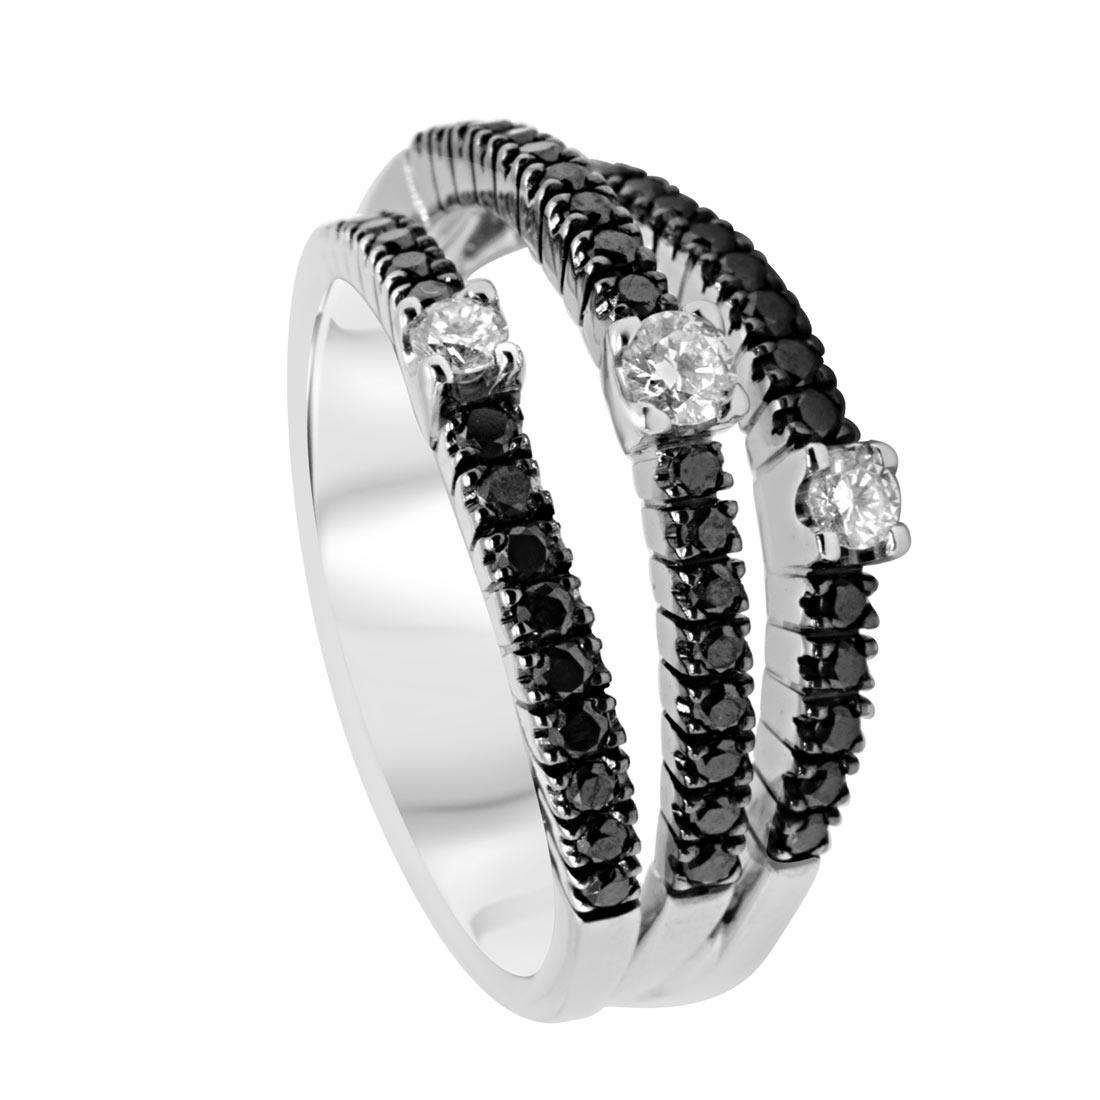 Anello in oro bianco con diamanti neri e bianchi - DAMIANI